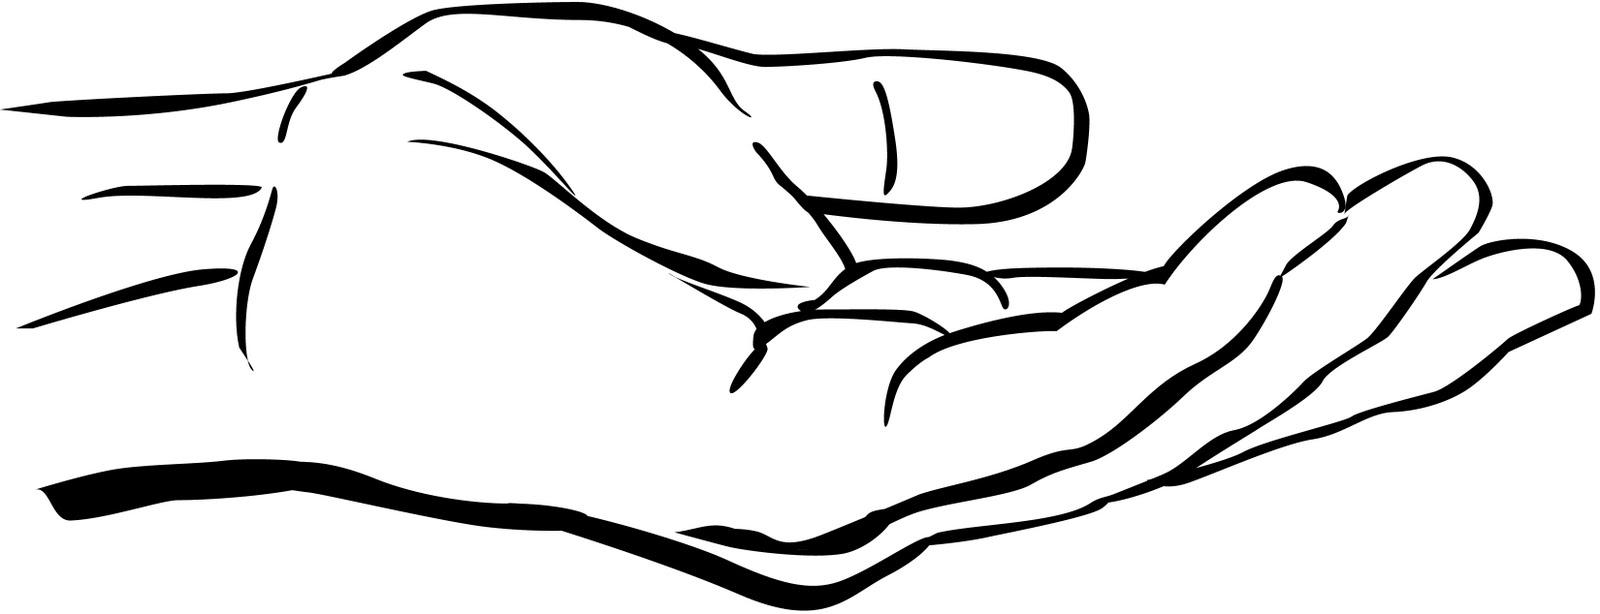 Hand Clip Art-Hand Clip Art-7